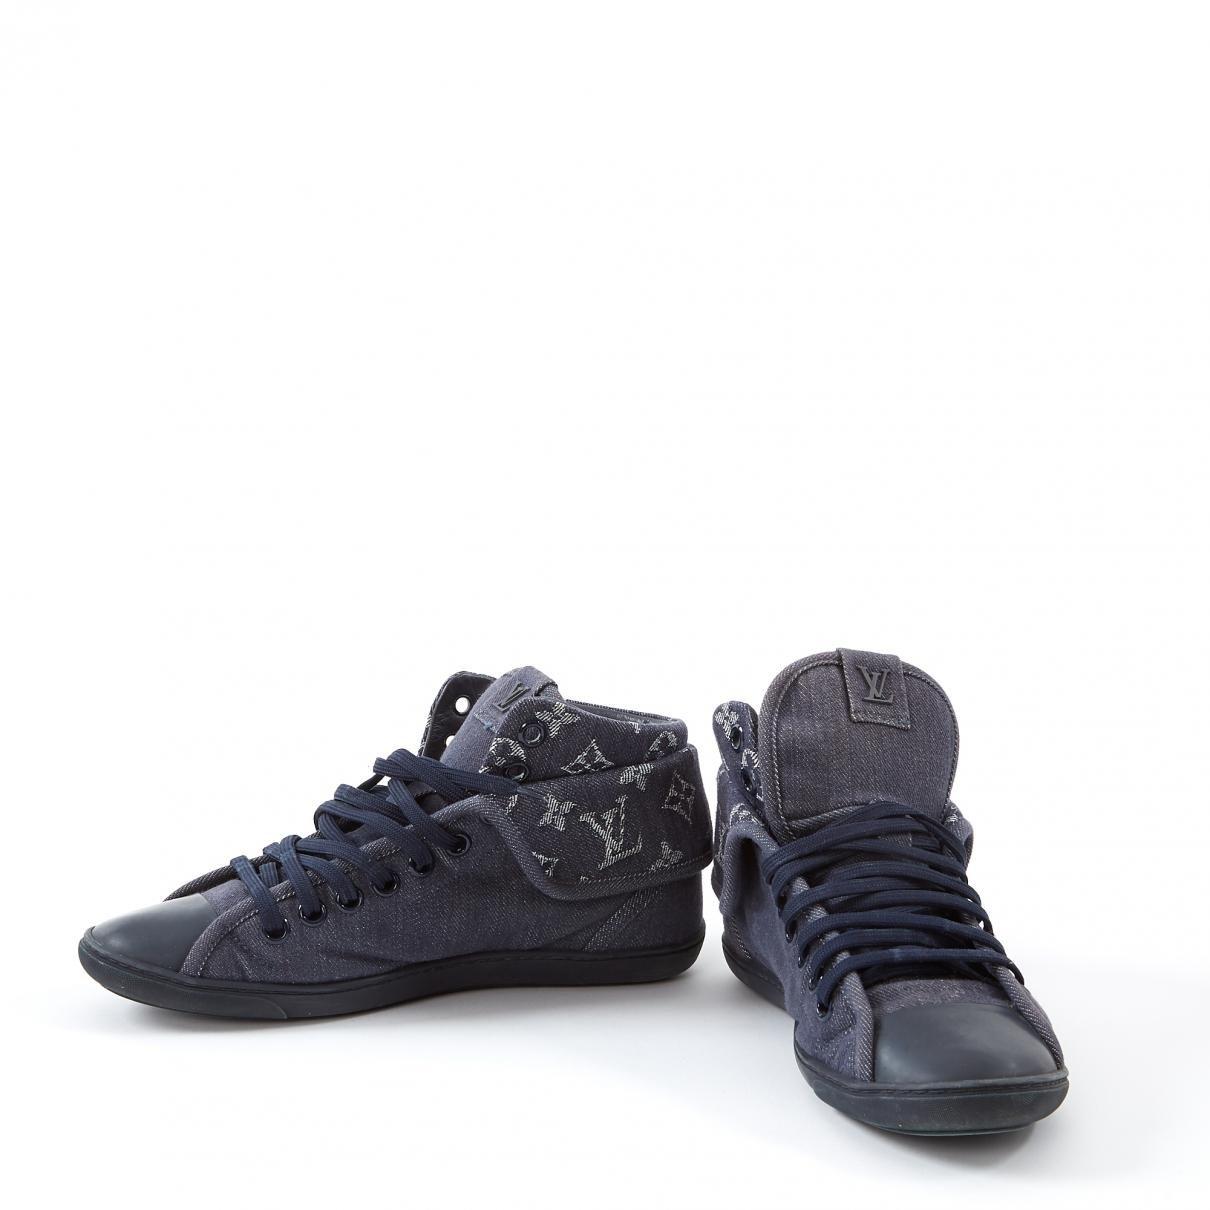 4ad36c727e45 Louis Vuitton - Blue Cloth Trainers - Lyst. View fullscreen